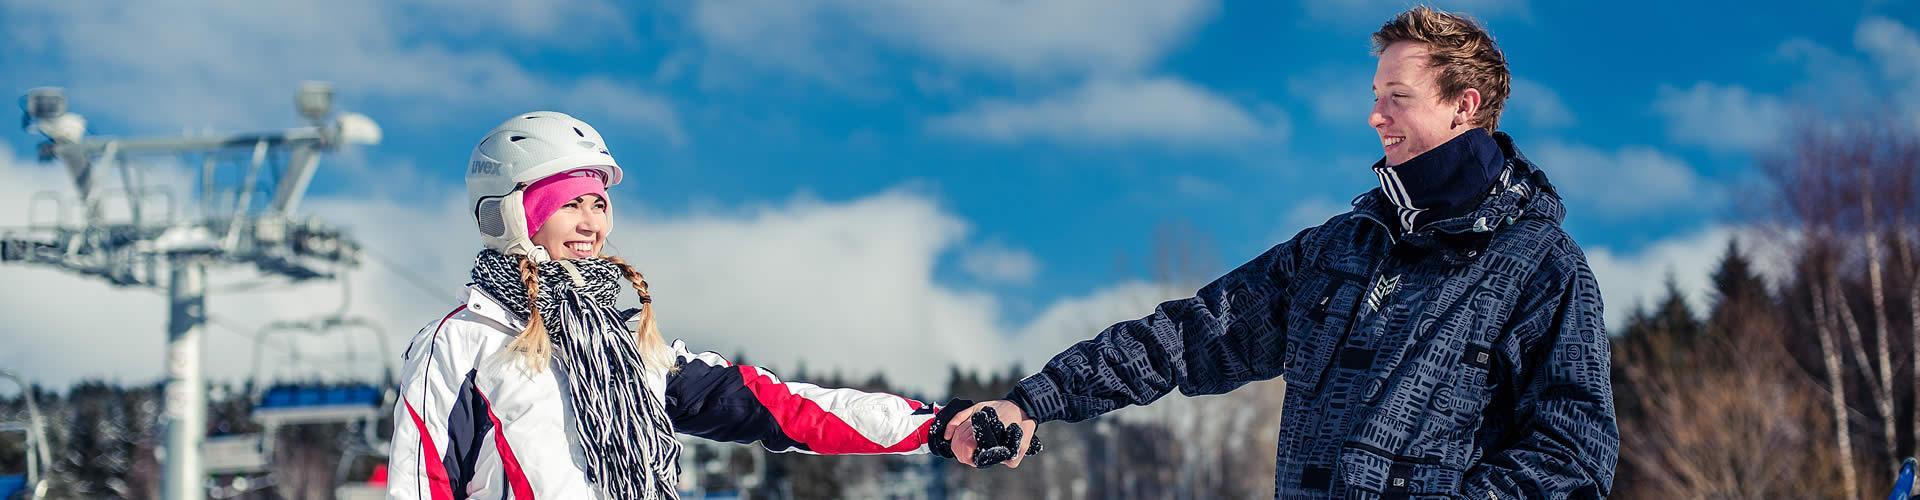 skiareal-lipno-1